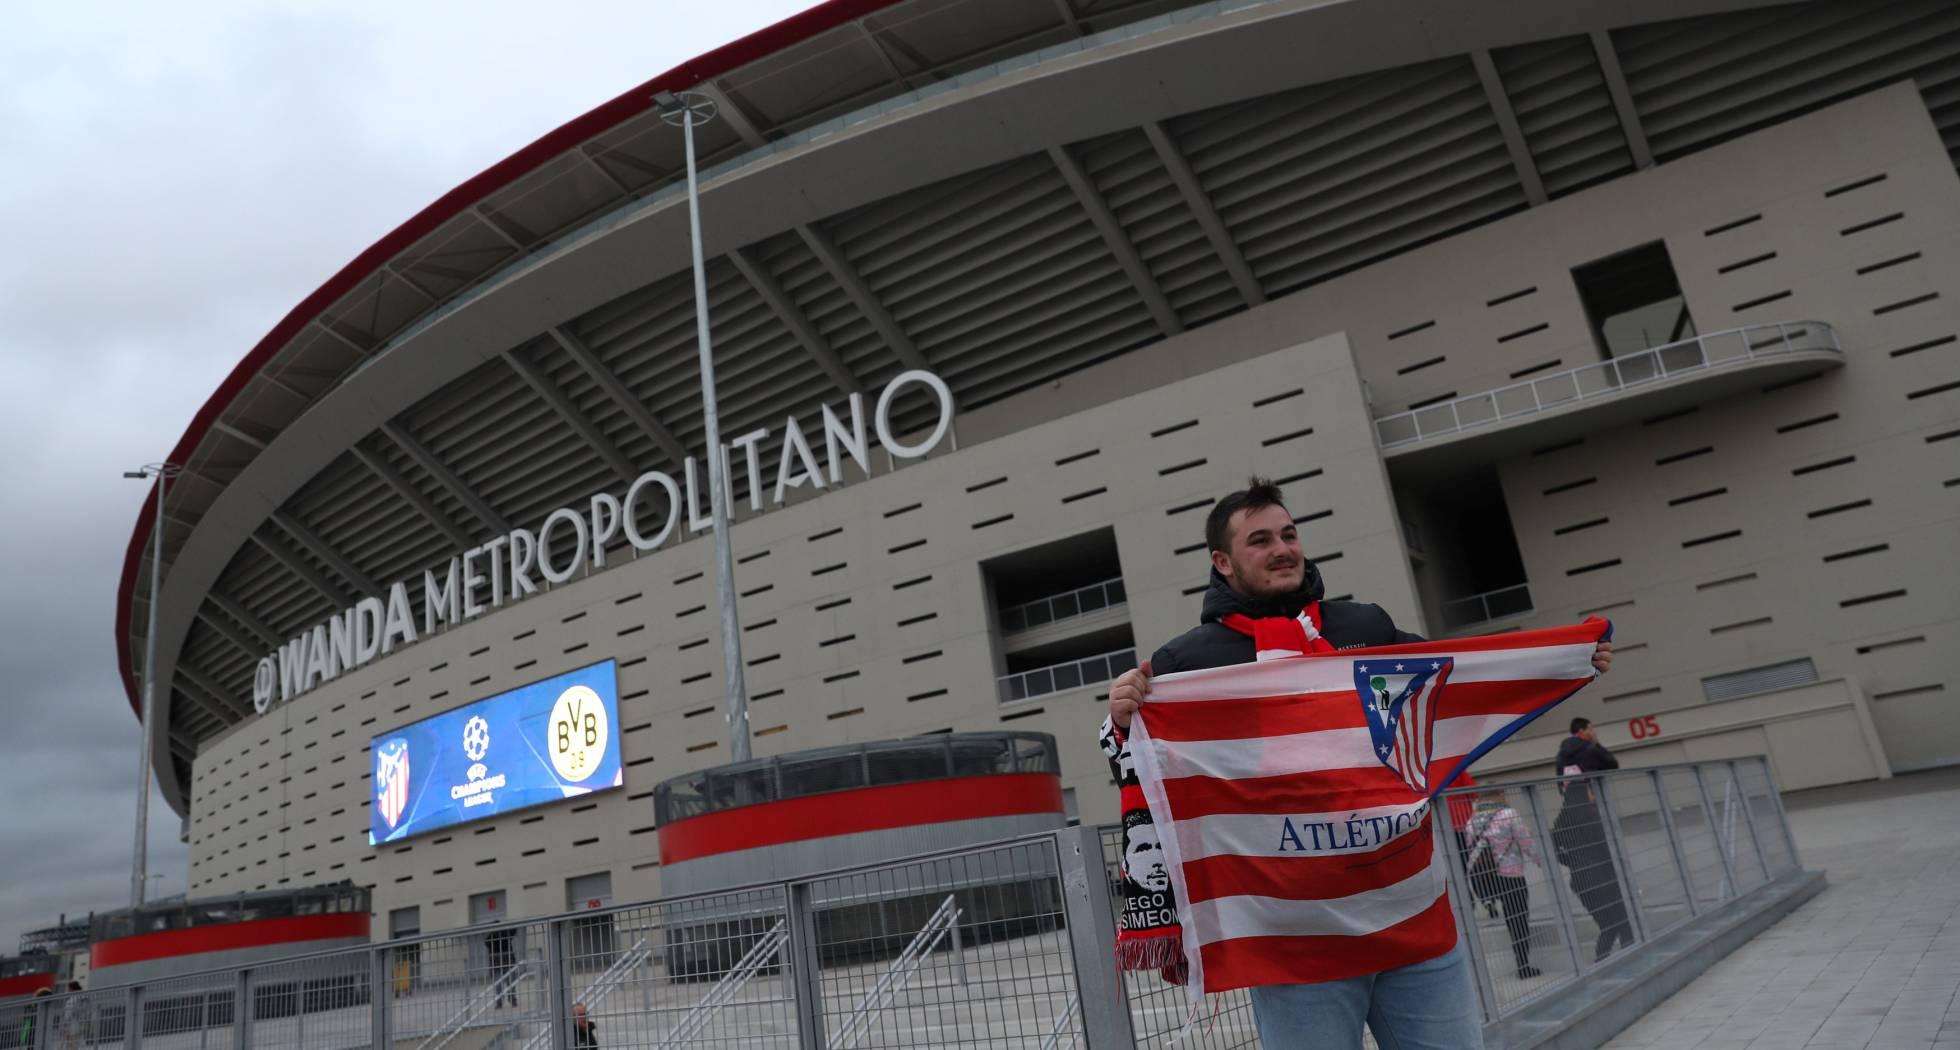 El Atlético de Madrid hipoteca el Wanda en un préstamo de Carlos Slim